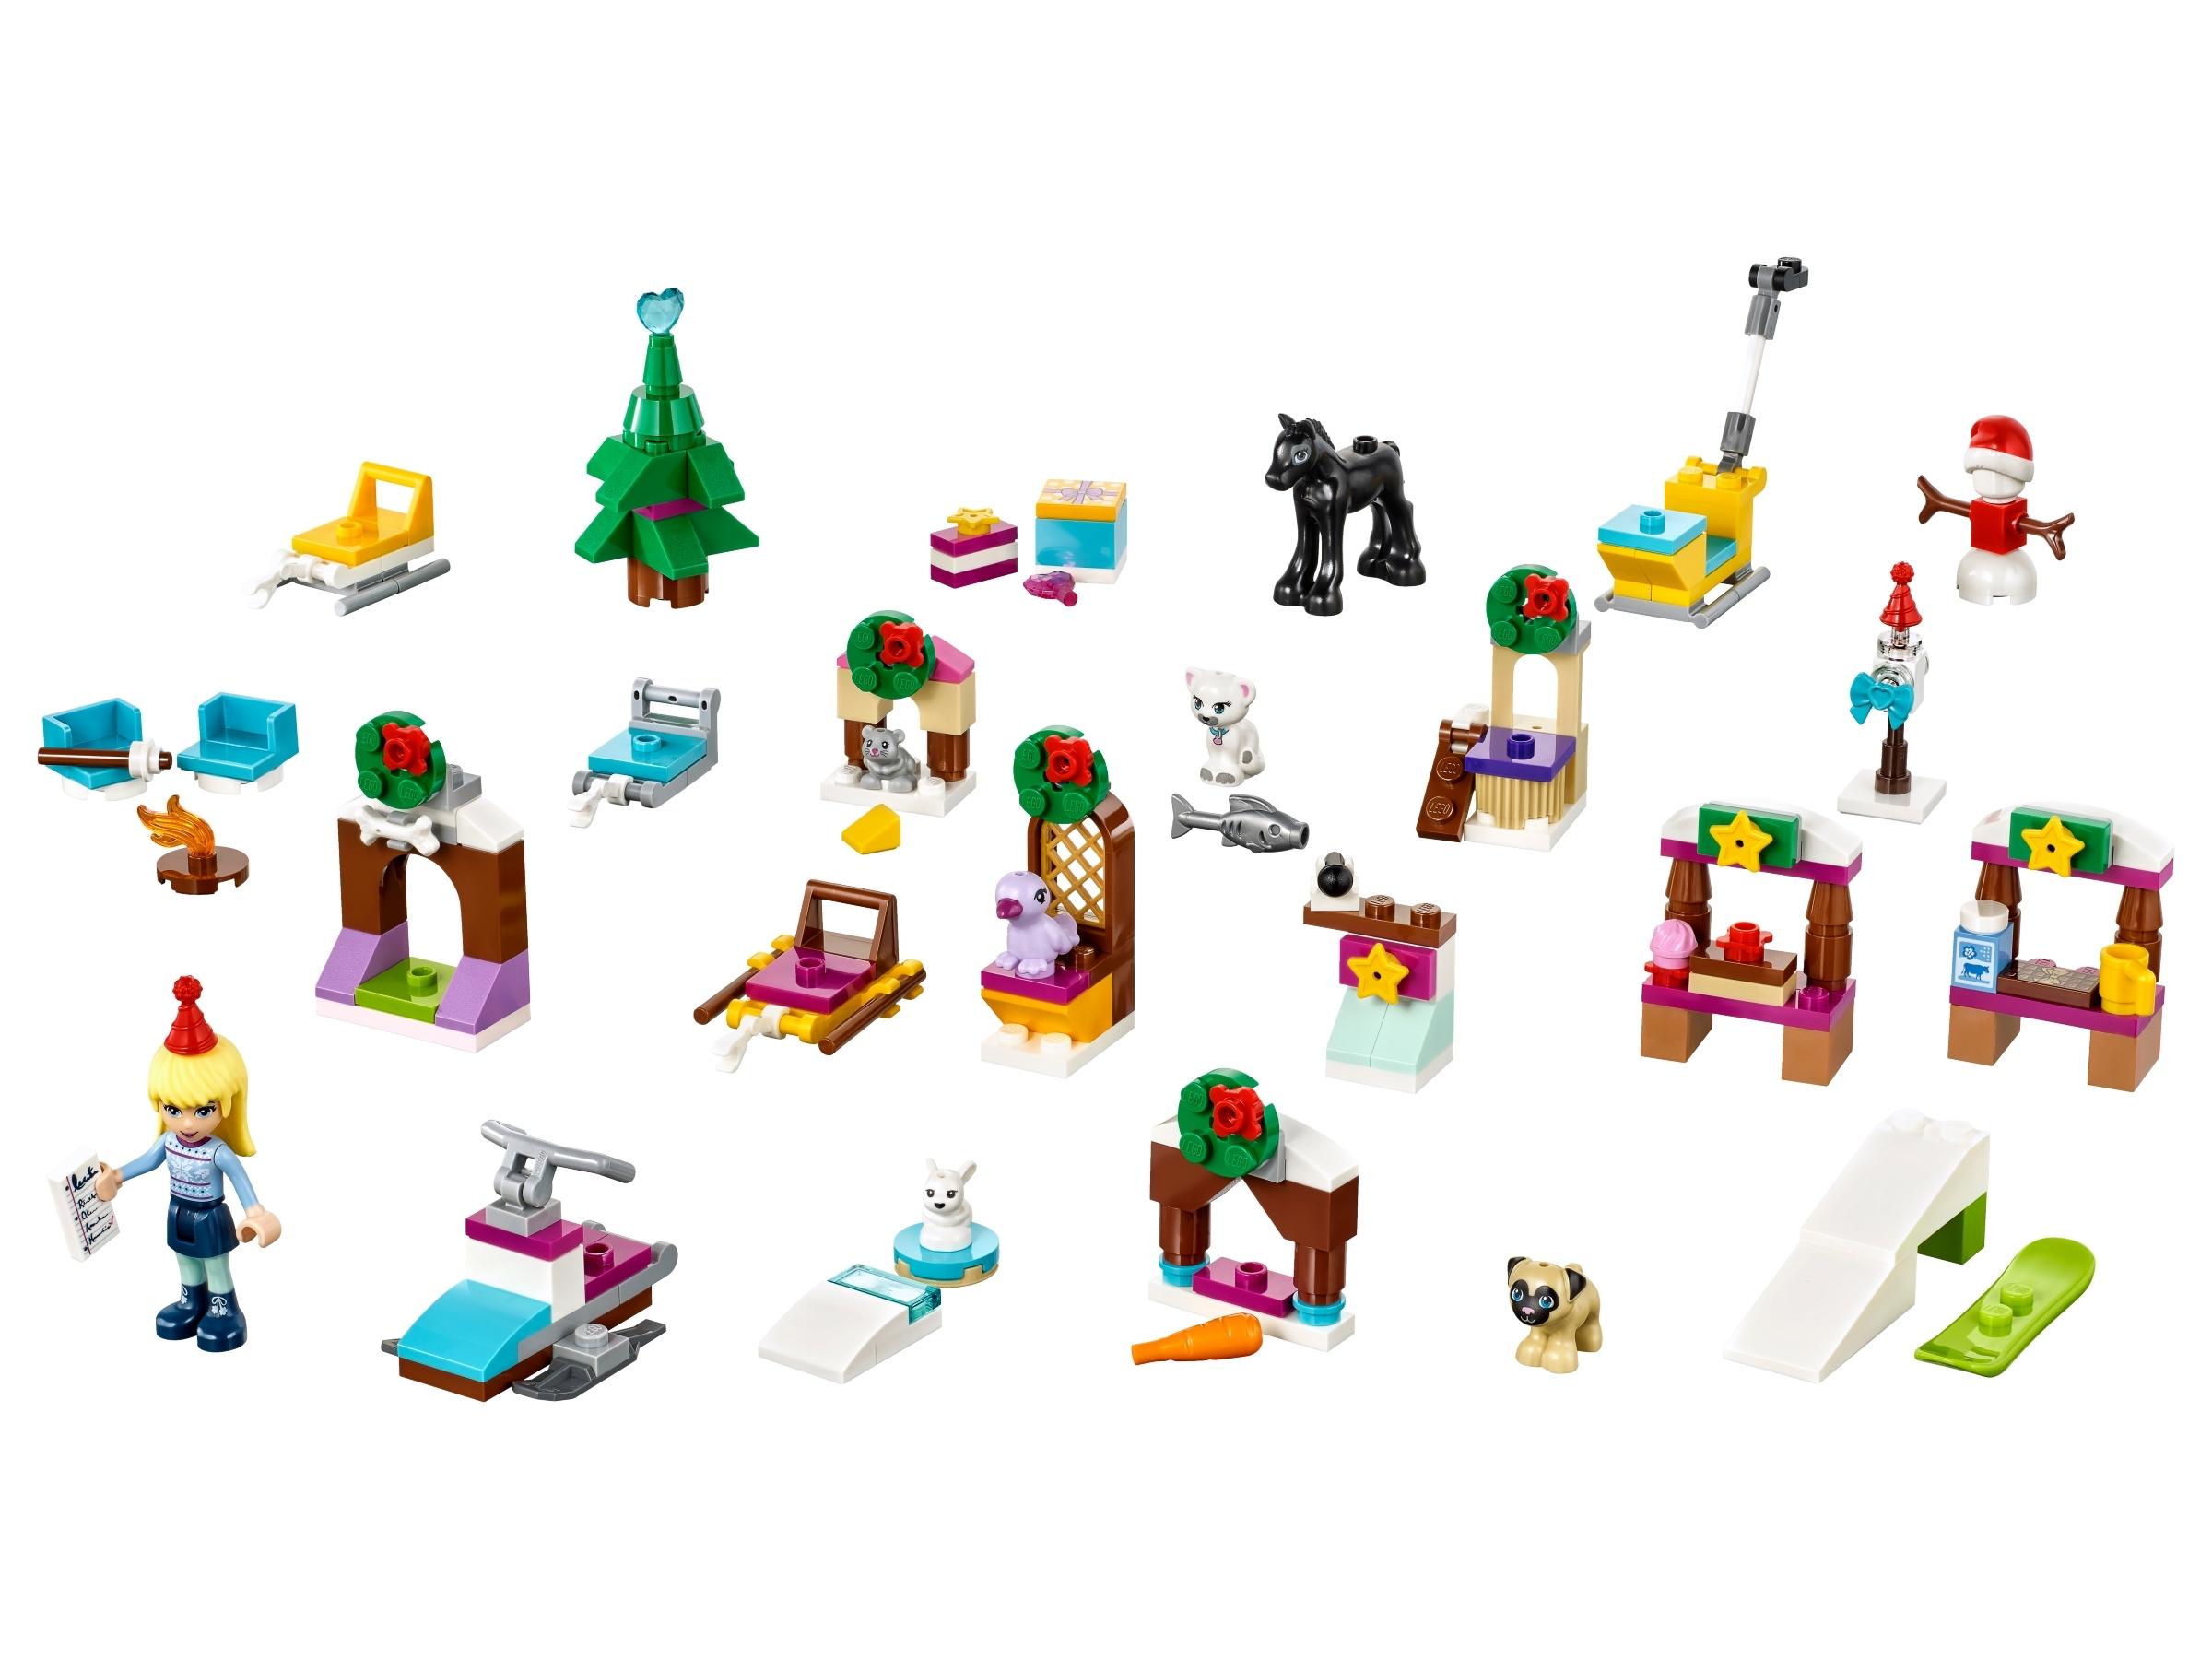 lego 41326 friends joulukalenteri